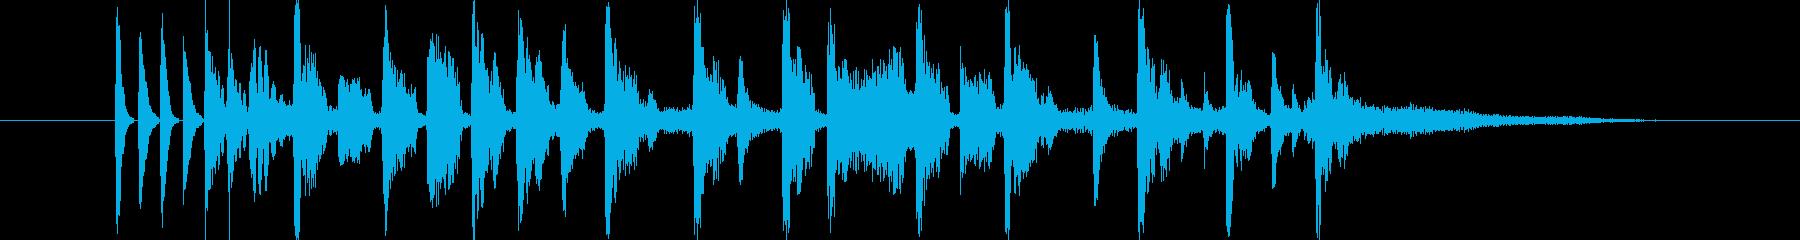 デジタルシンセのテクノポップの再生済みの波形